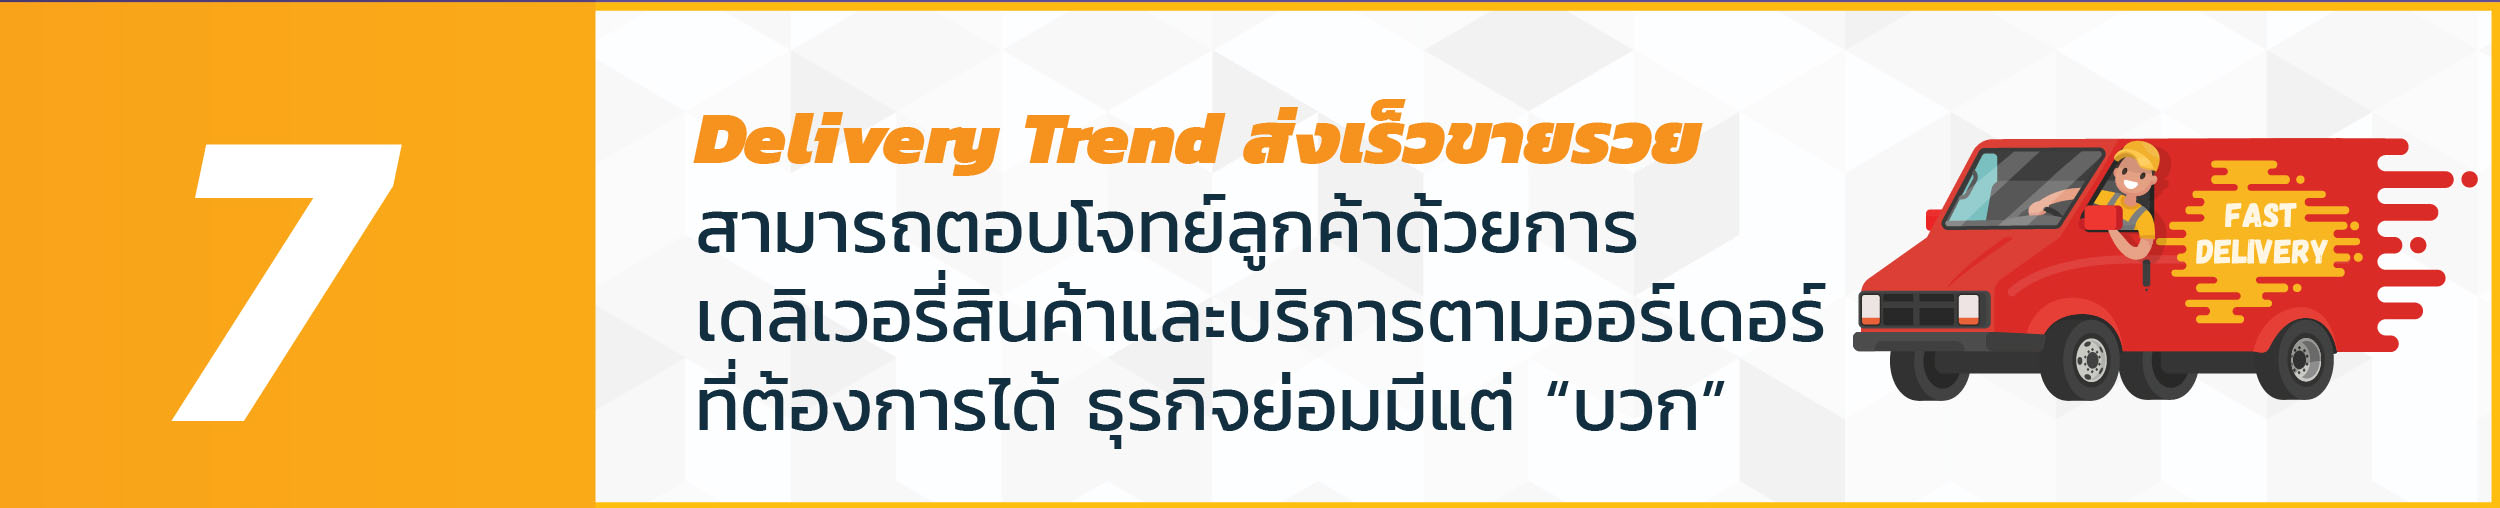 เปิดร้านออนไลน์_Delivery_Trend